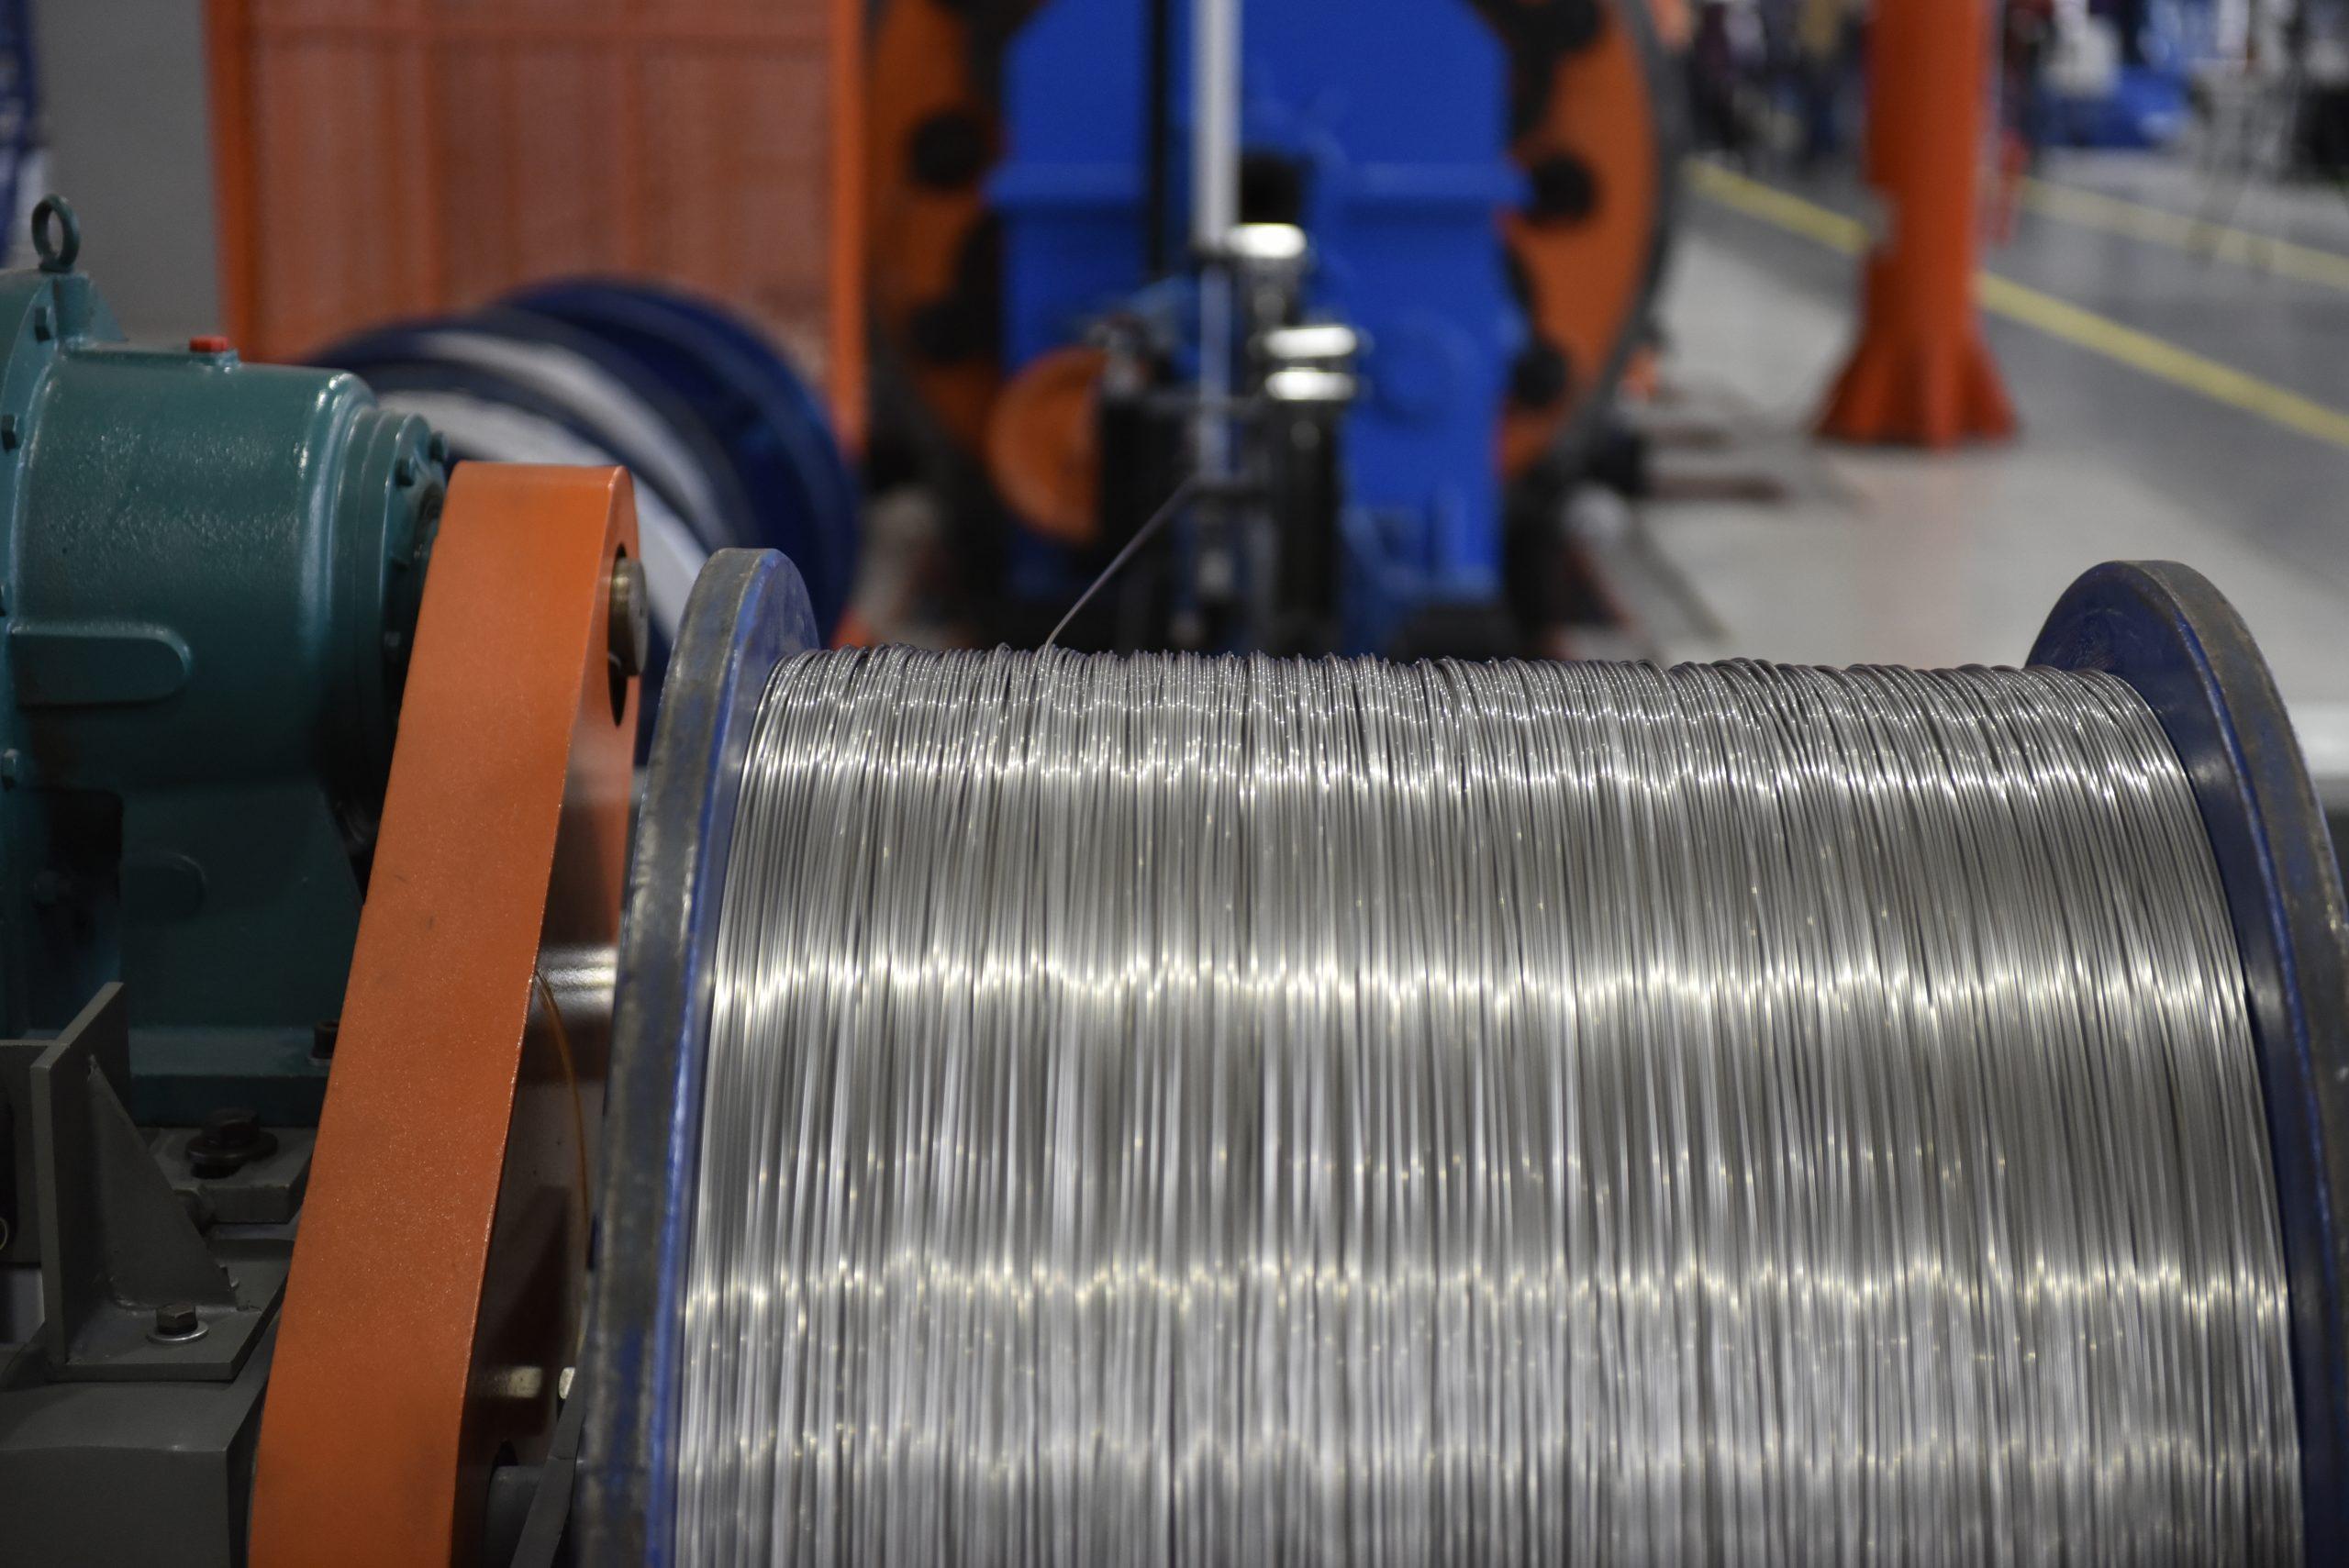 В Мурманске открыли завод кабельной продукции 4